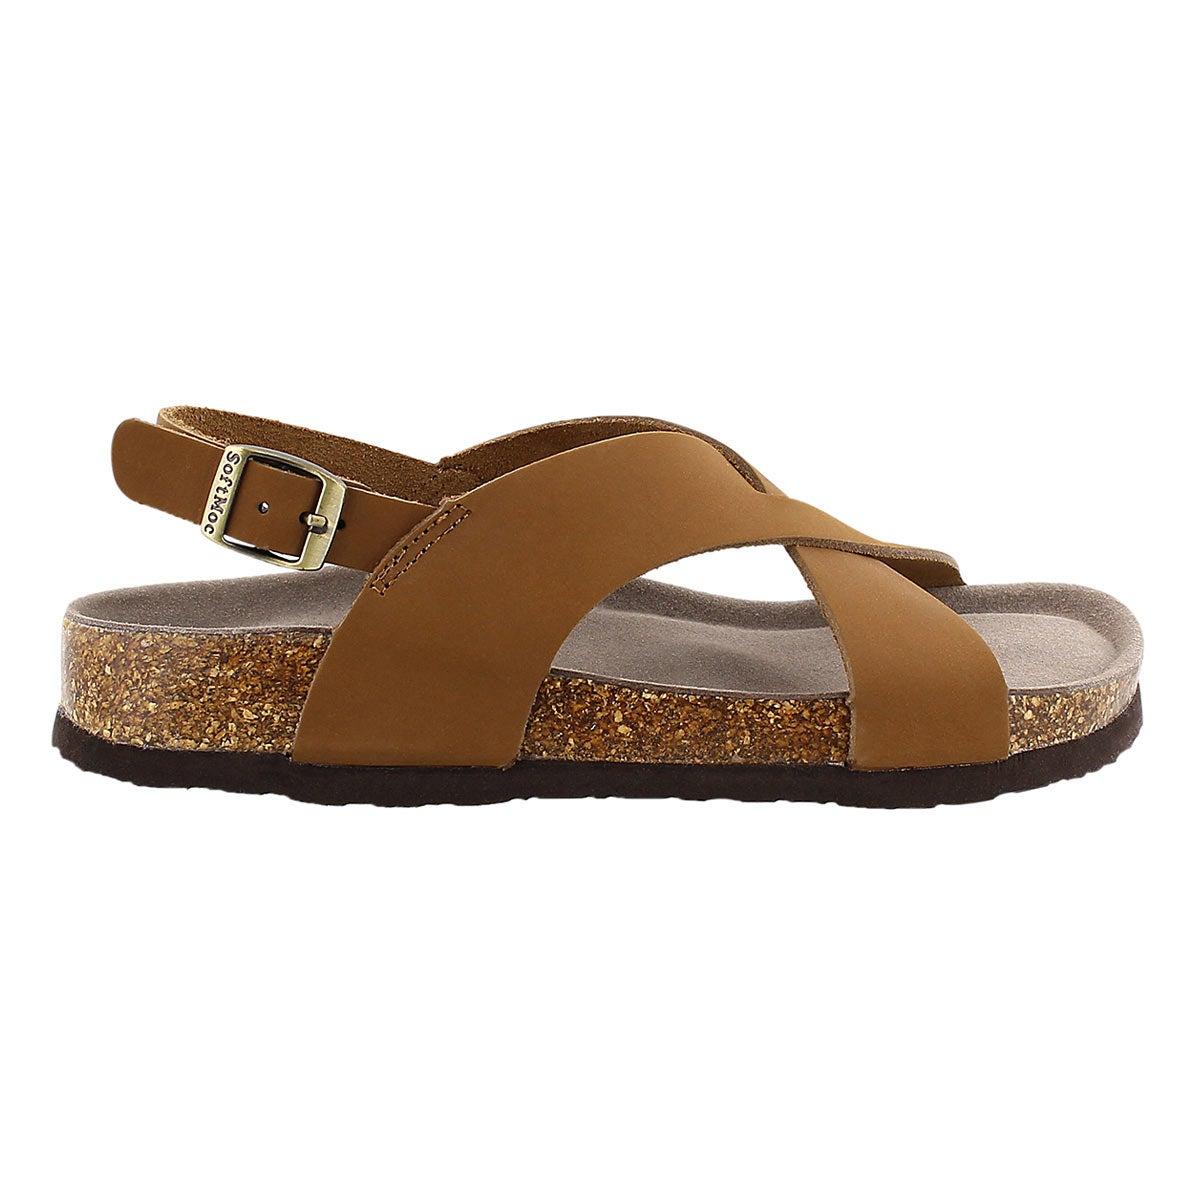 Sandale mousse visc. Addy, havane, femme